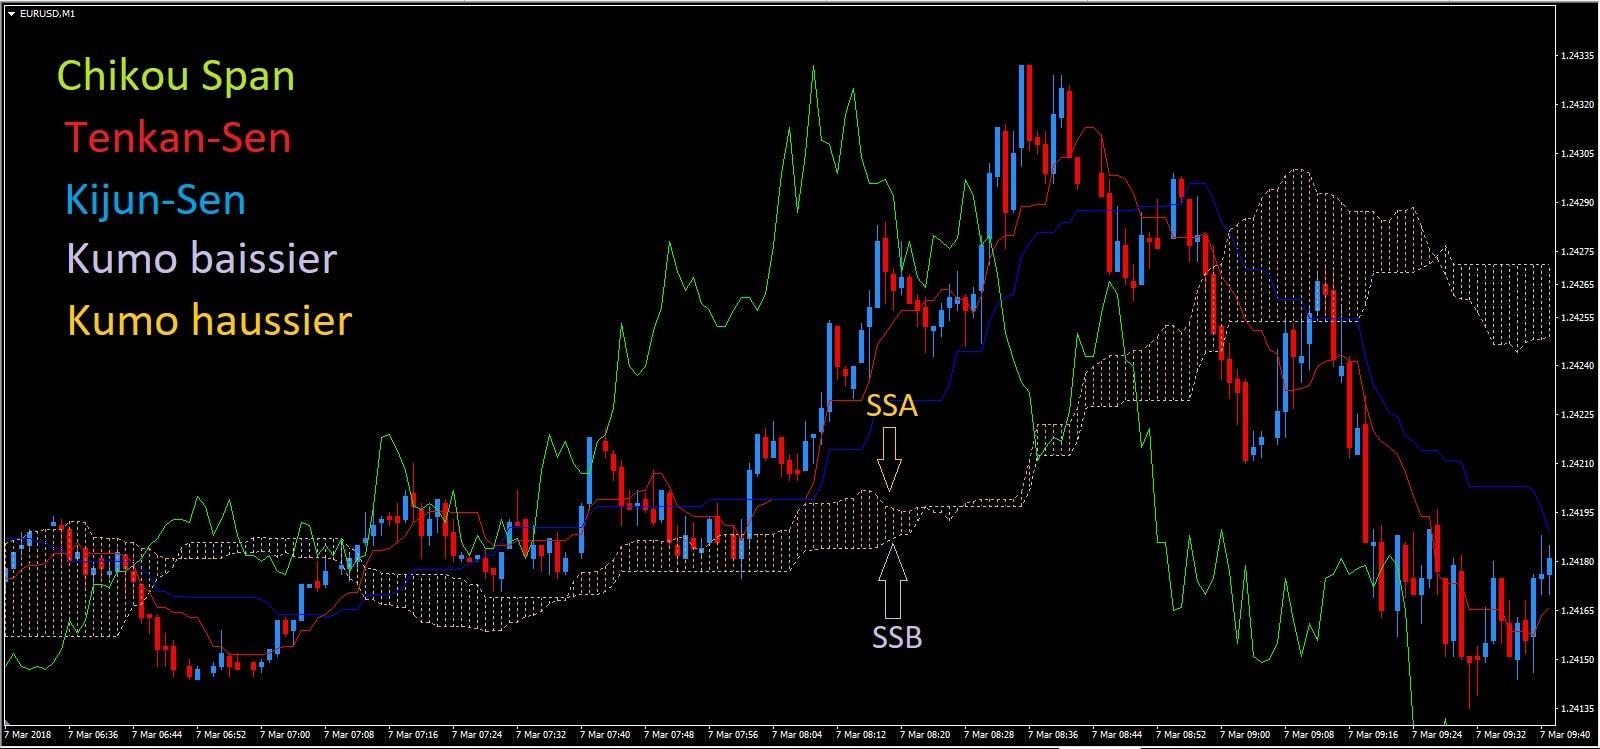 ichimoku cloud ichimoku ichimoku kinko hyo ichimoku indicator ichimoku torrent ichimoku strategy ichimoku uitleg ichimoku trading strategies ichimoku signals